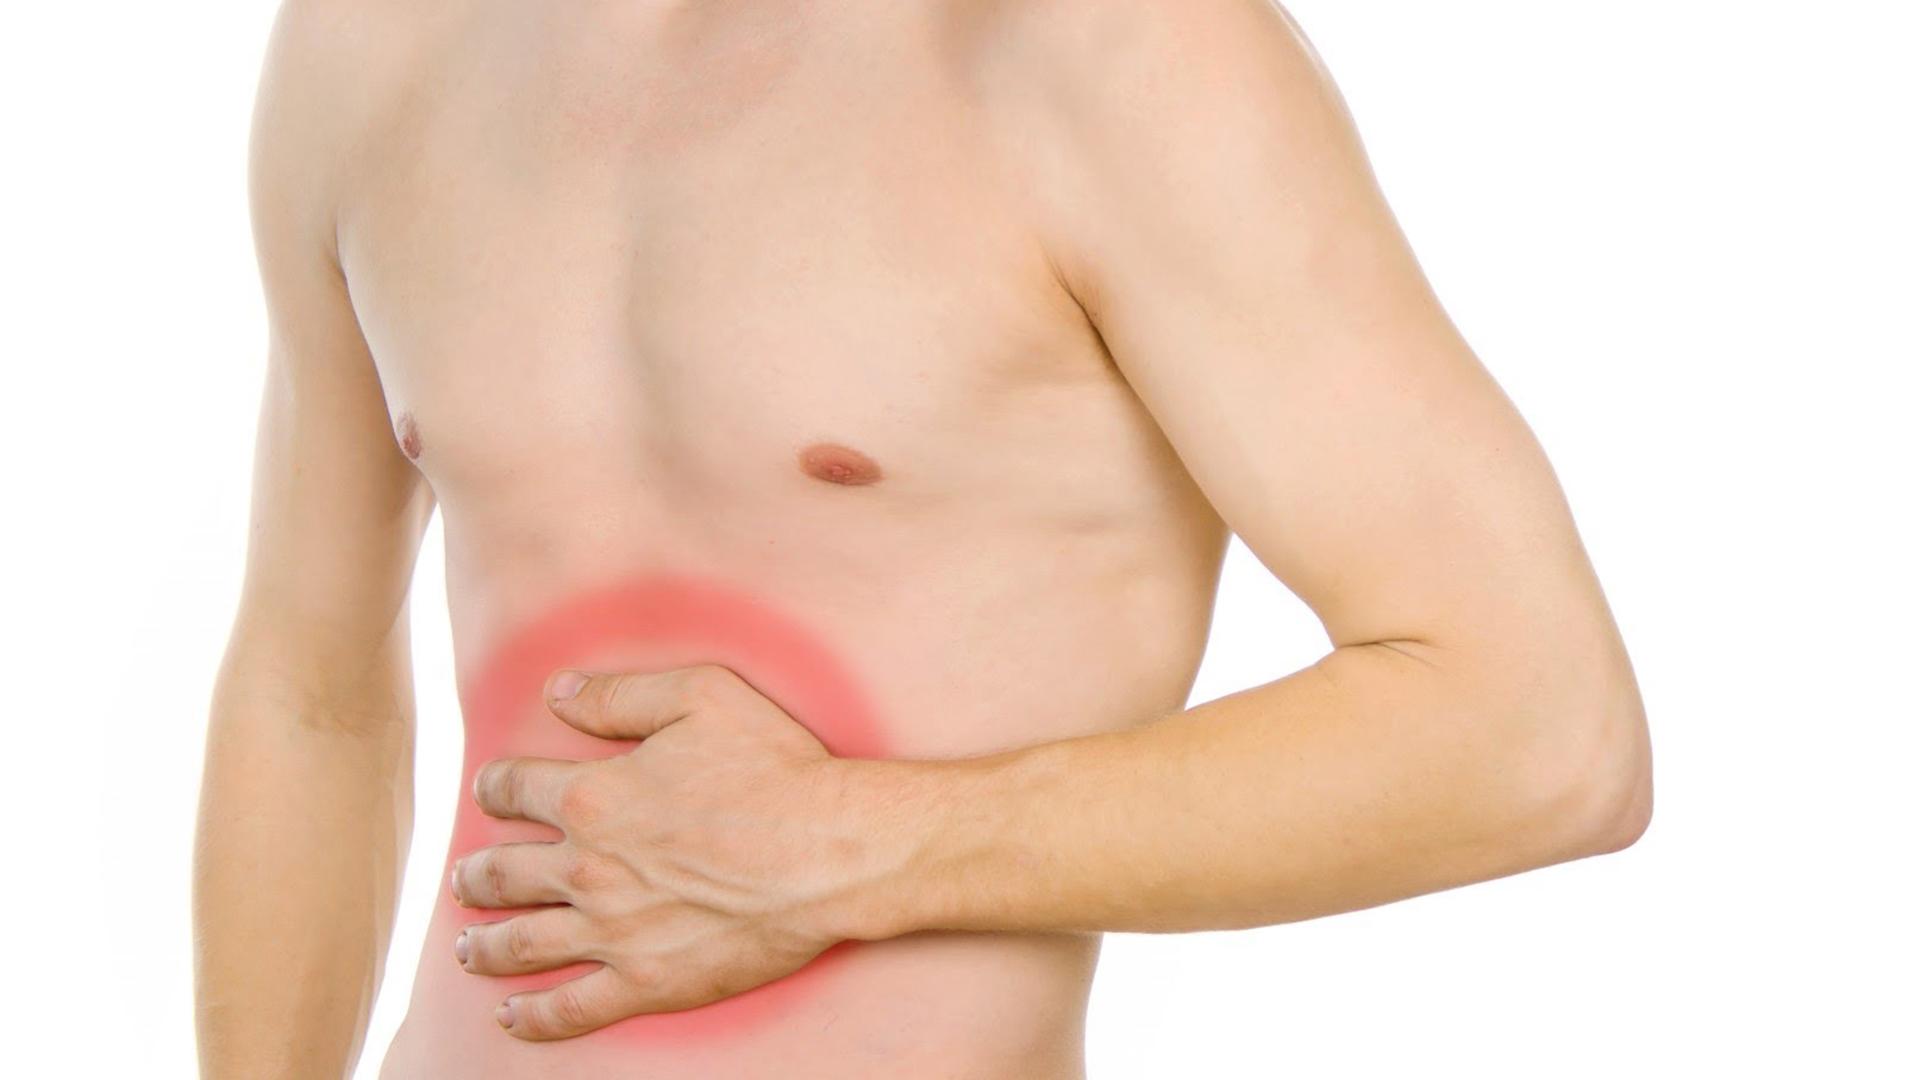 Cancerul de stomac: cauze, simptome şi metode de prevenţie